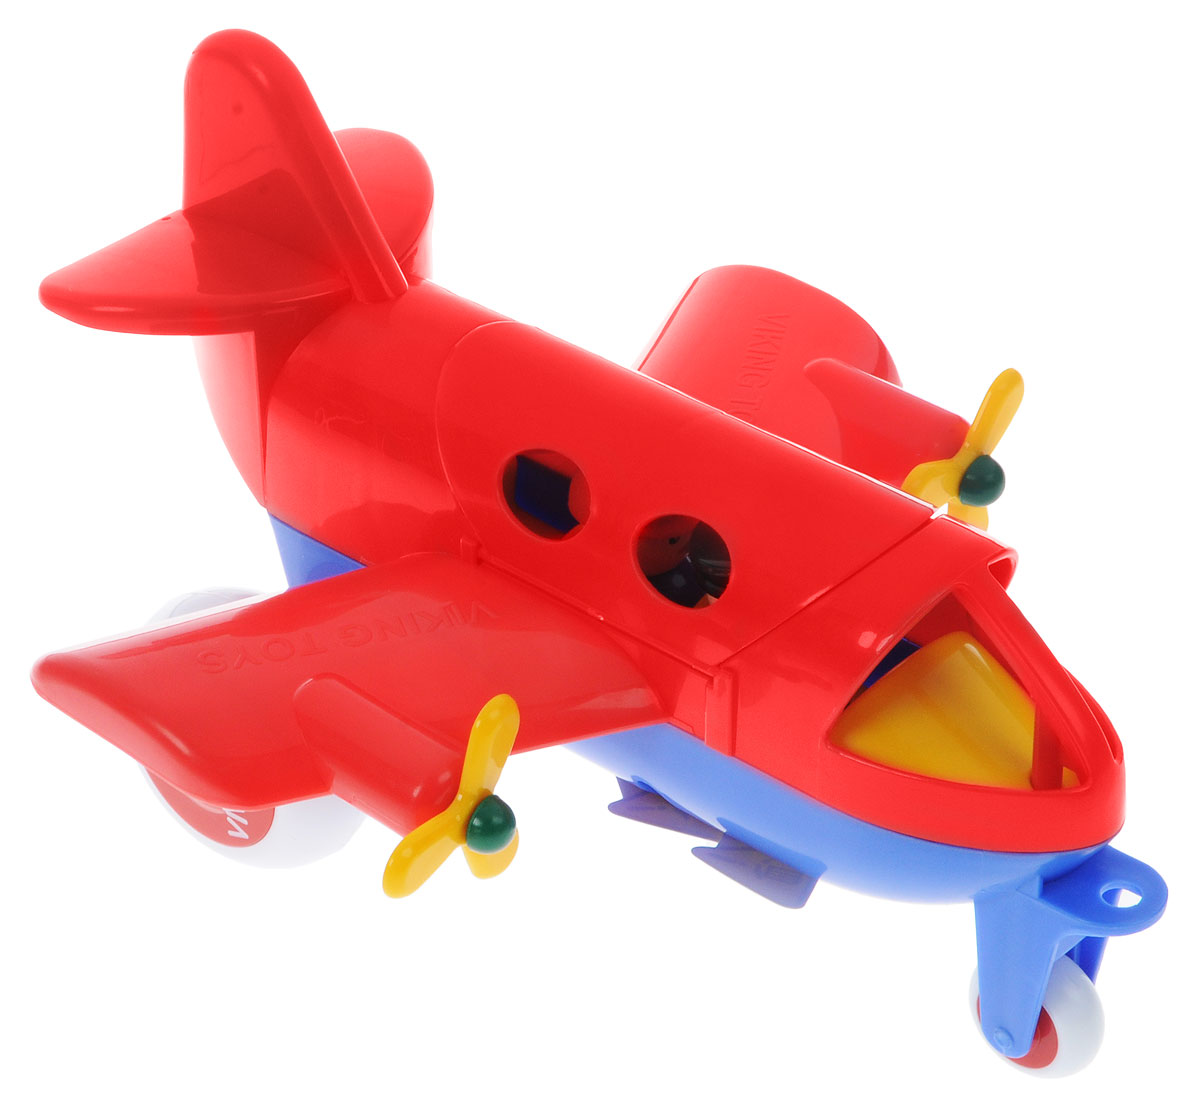 Viking Toys Самолет Джамбо цвет красный - Транспорт, машинки